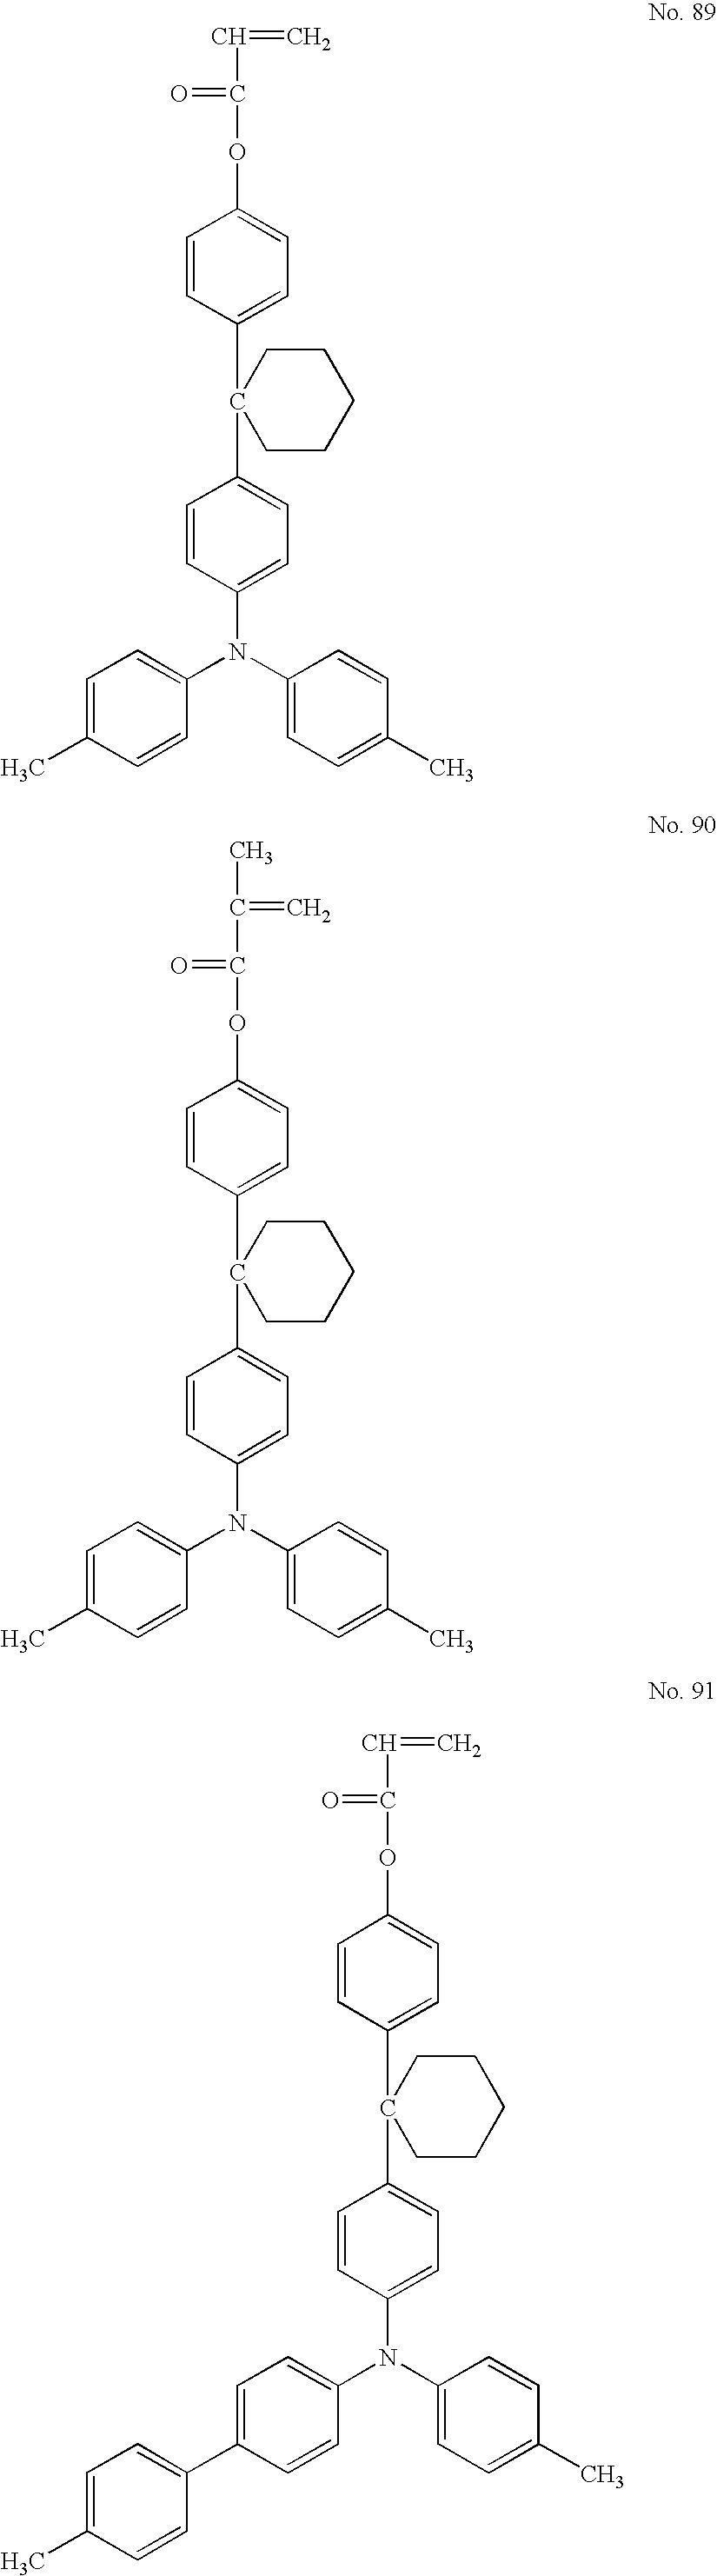 Figure US07824830-20101102-C00045